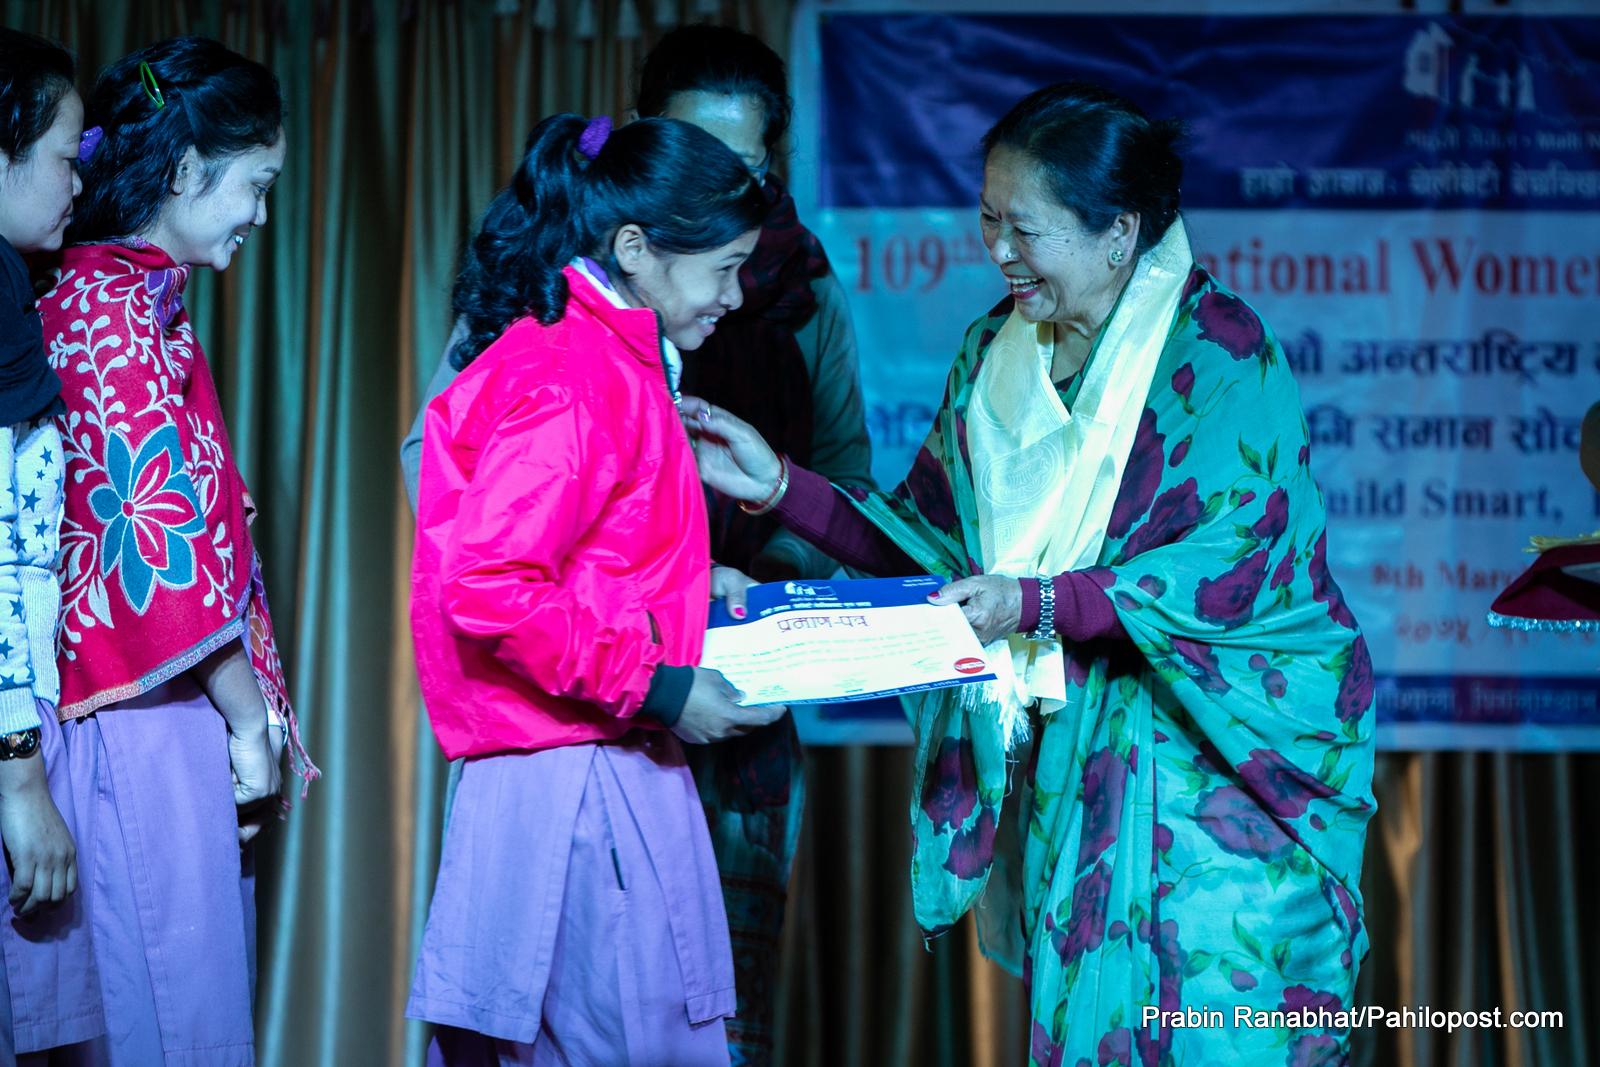 महिला दिवसको अवसरमा चार सामाजिक अभियन्तालाई माइती नेपालको सम्मान